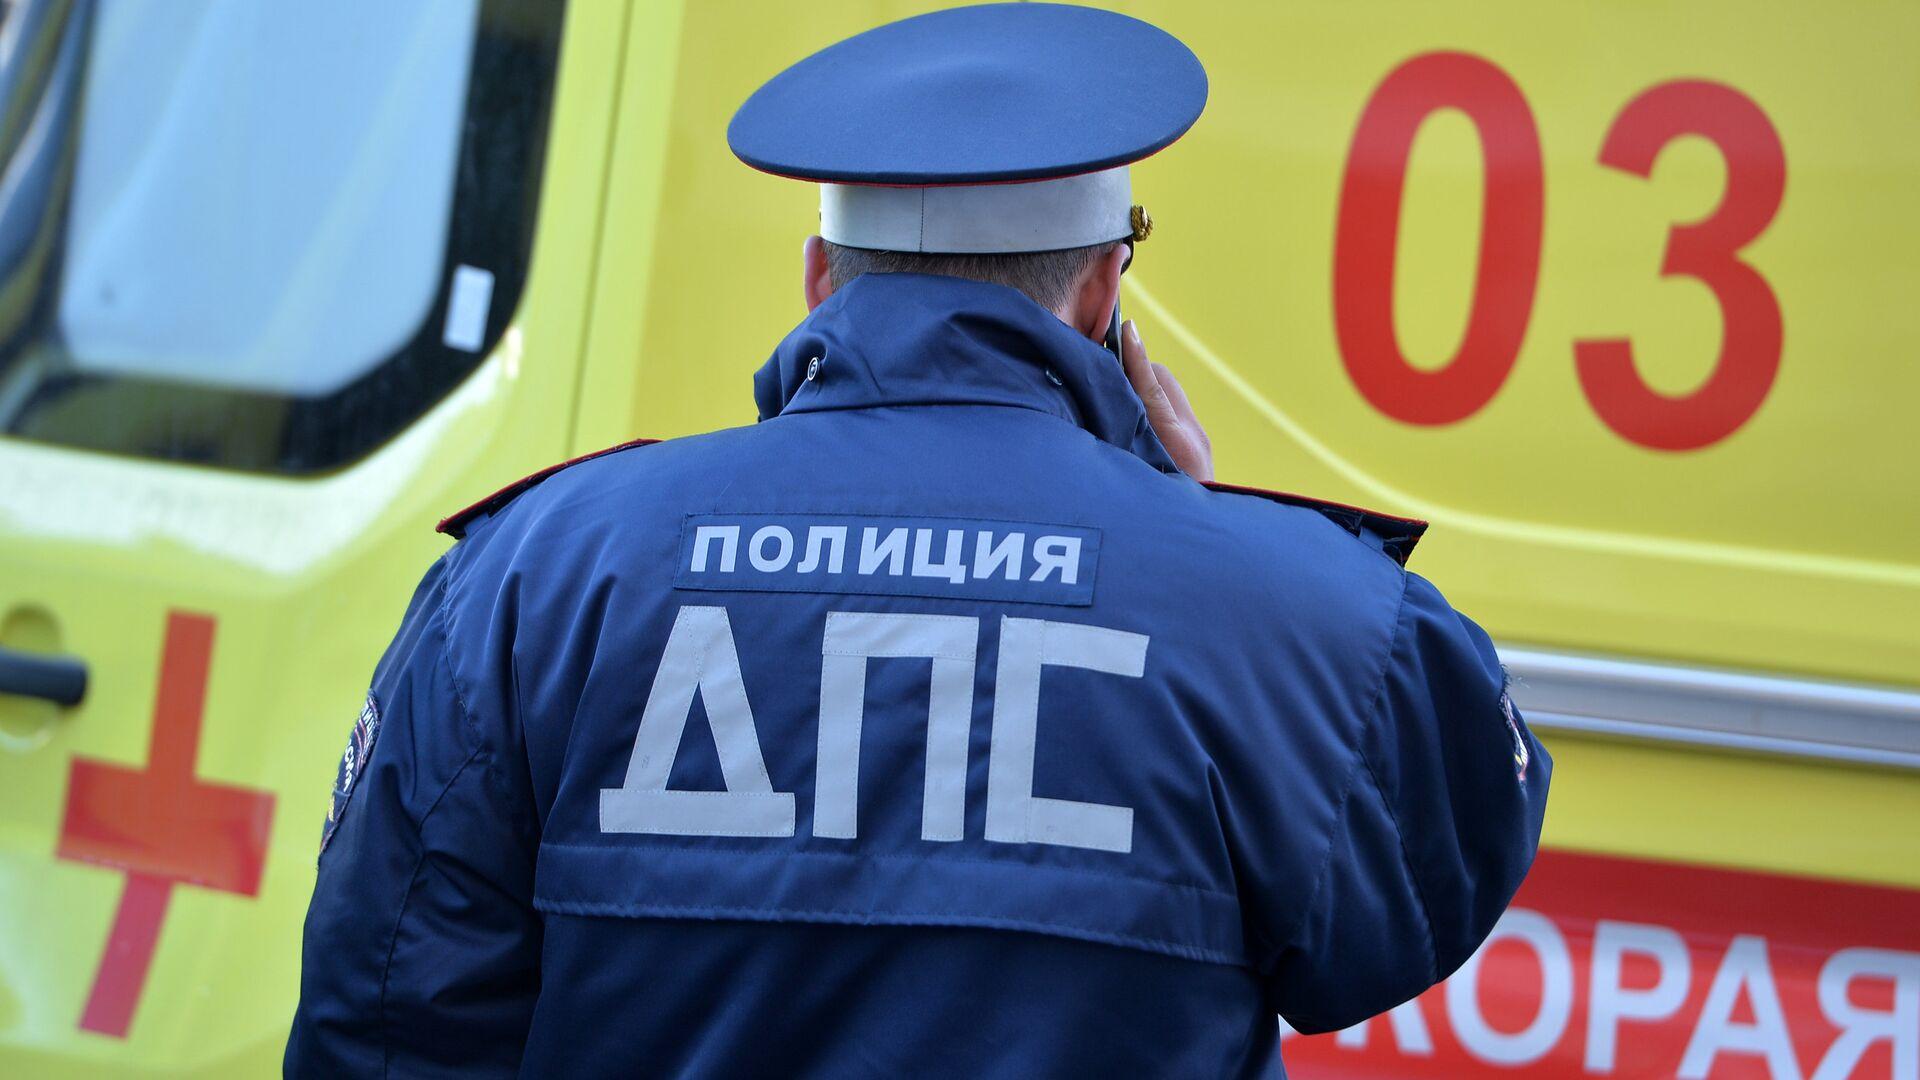 В центре Москвы водитель такси врезался в трамвай